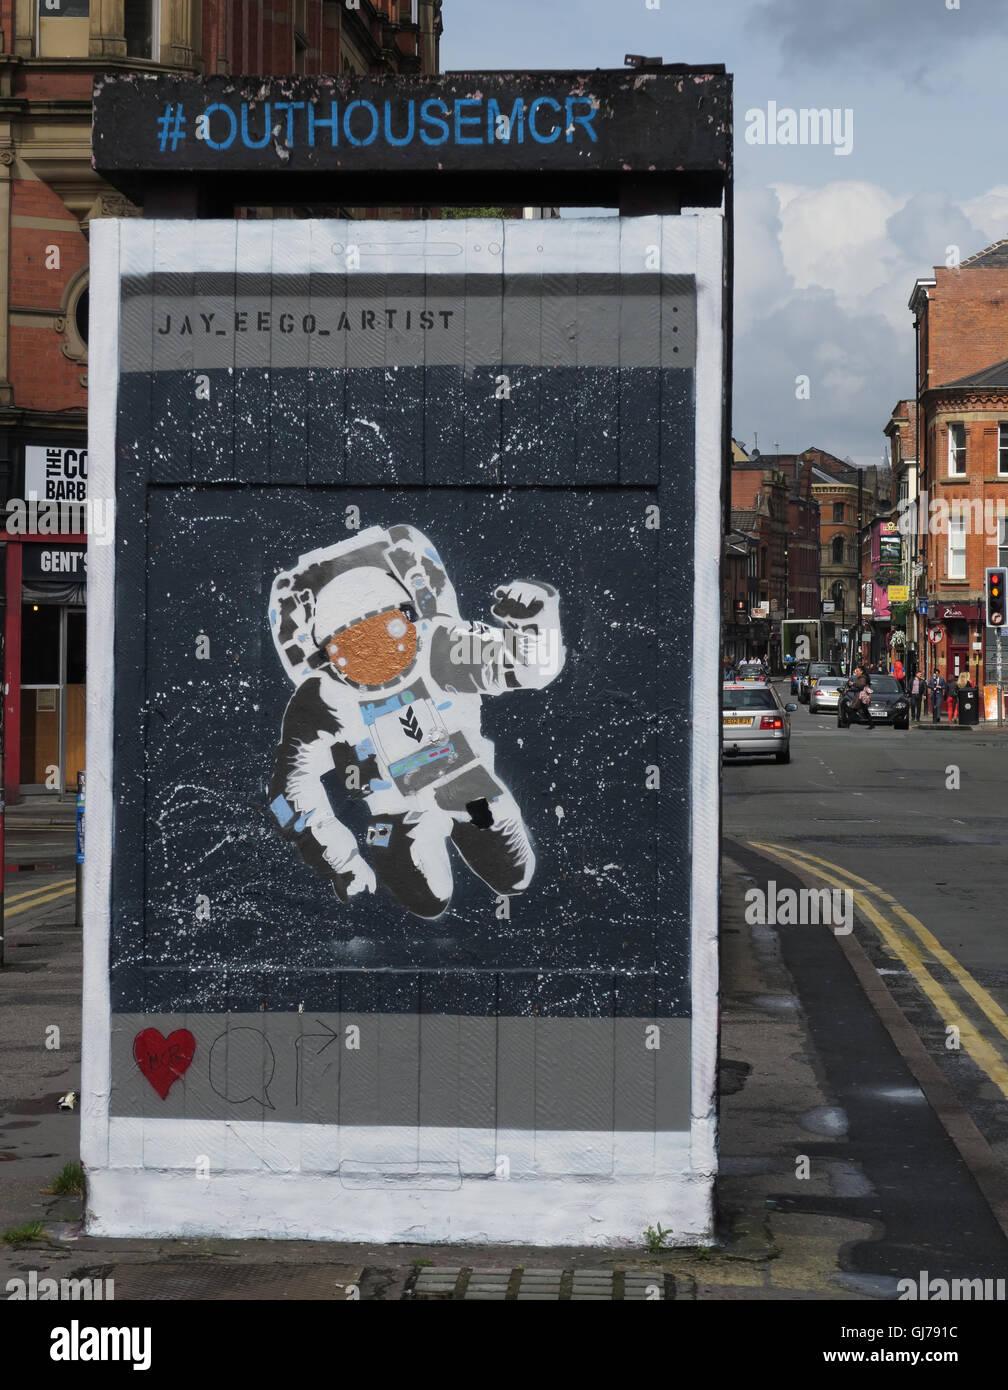 Laden Sie dieses Alamy Stockfoto Nördlichen Viertel Kunst in Stevenson Platz Manchester, UK - Wand Graffiti August2016 OUTHOUSEMCR - GJ791C